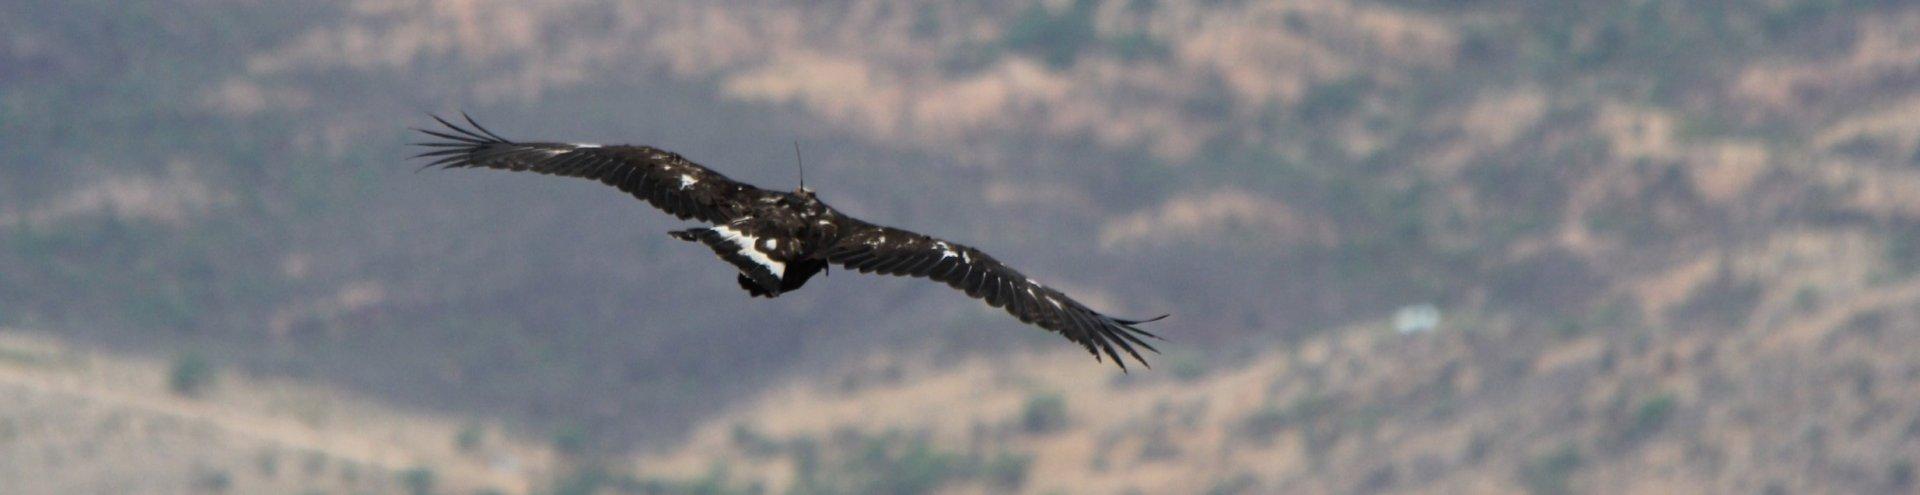 golden eagle u0027s mexican romantic getaways pronatura noroeste